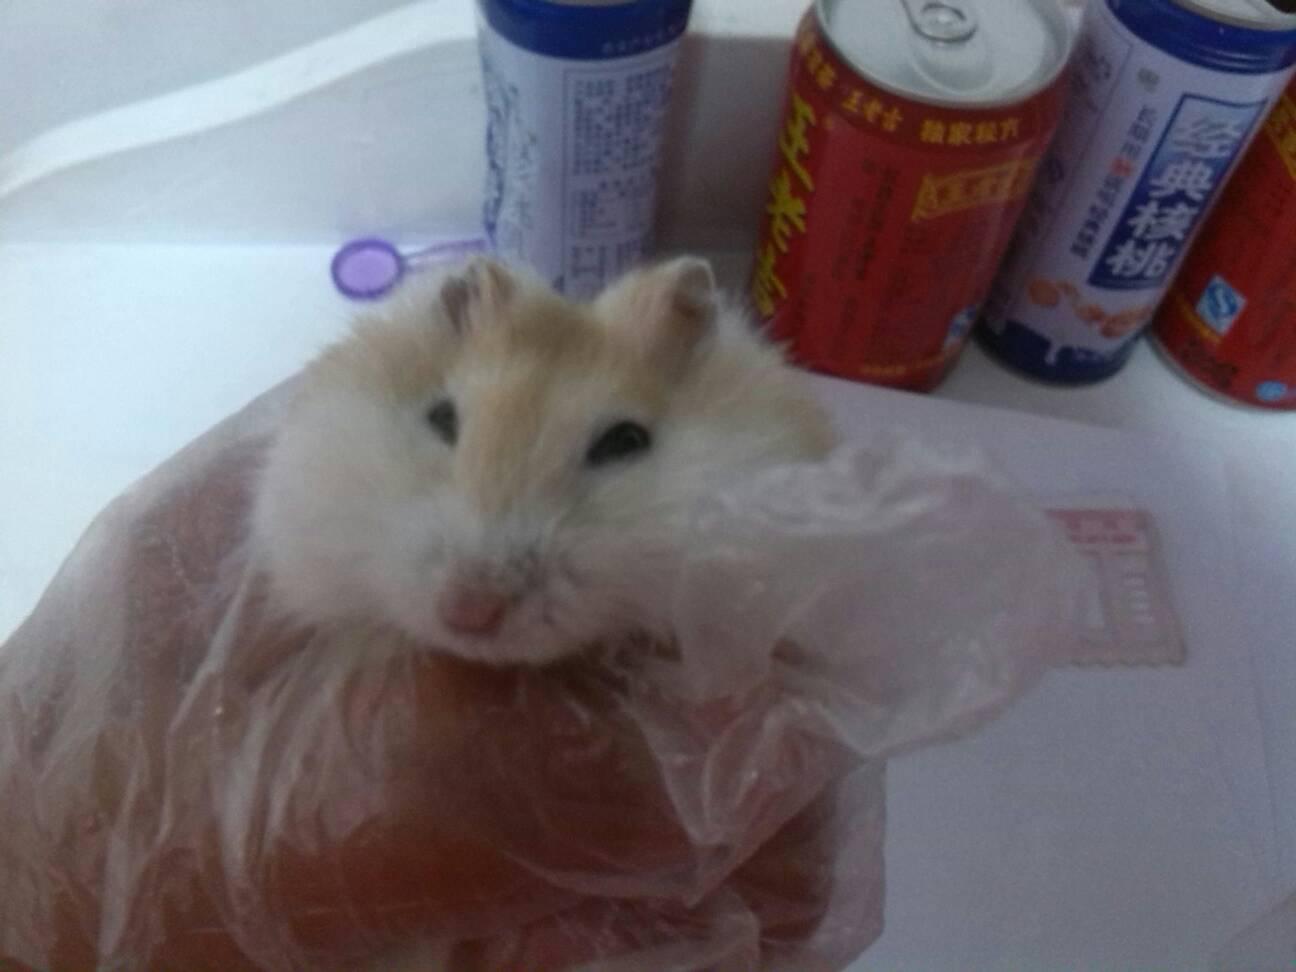 我的仓鼠怀孕了三下咋的,他以前不咬我,今天突然咬了我蜗牛,也没有还是的雨天美术教案图片